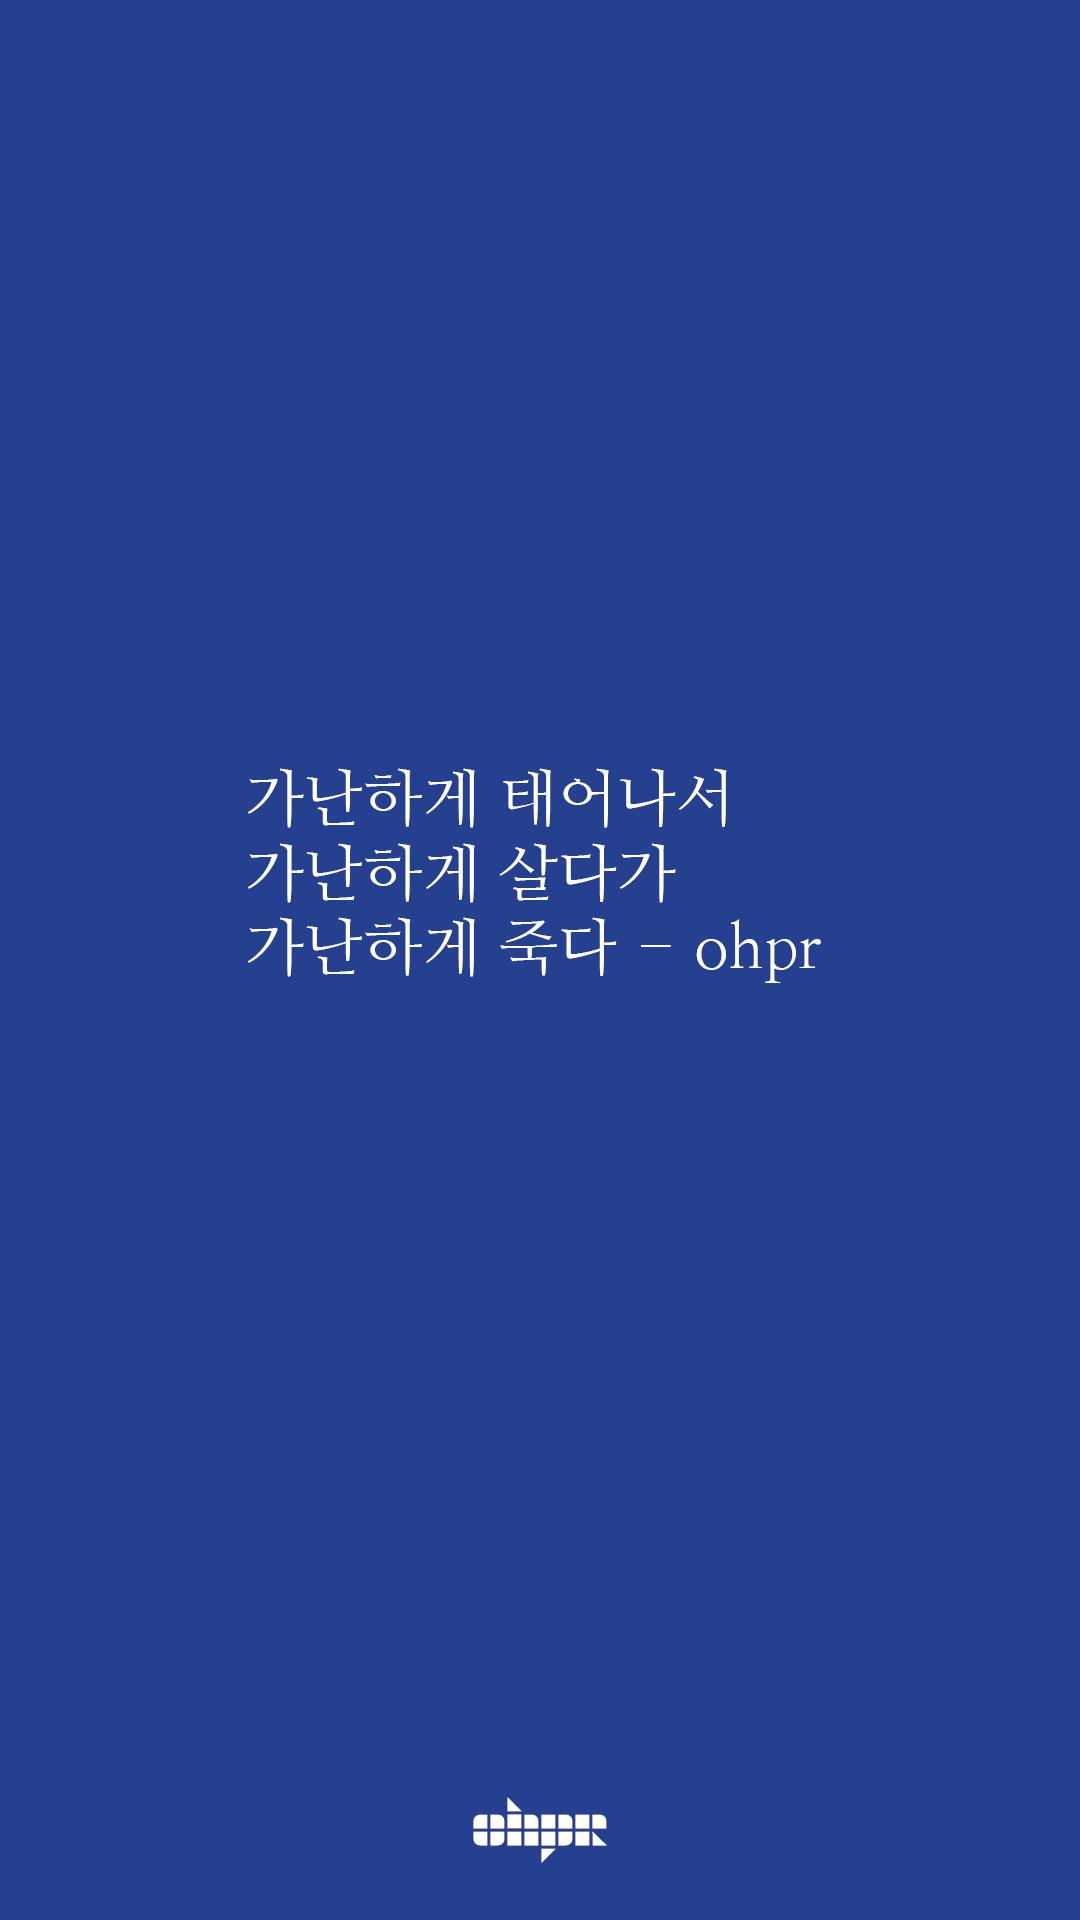 ohpr_wording2